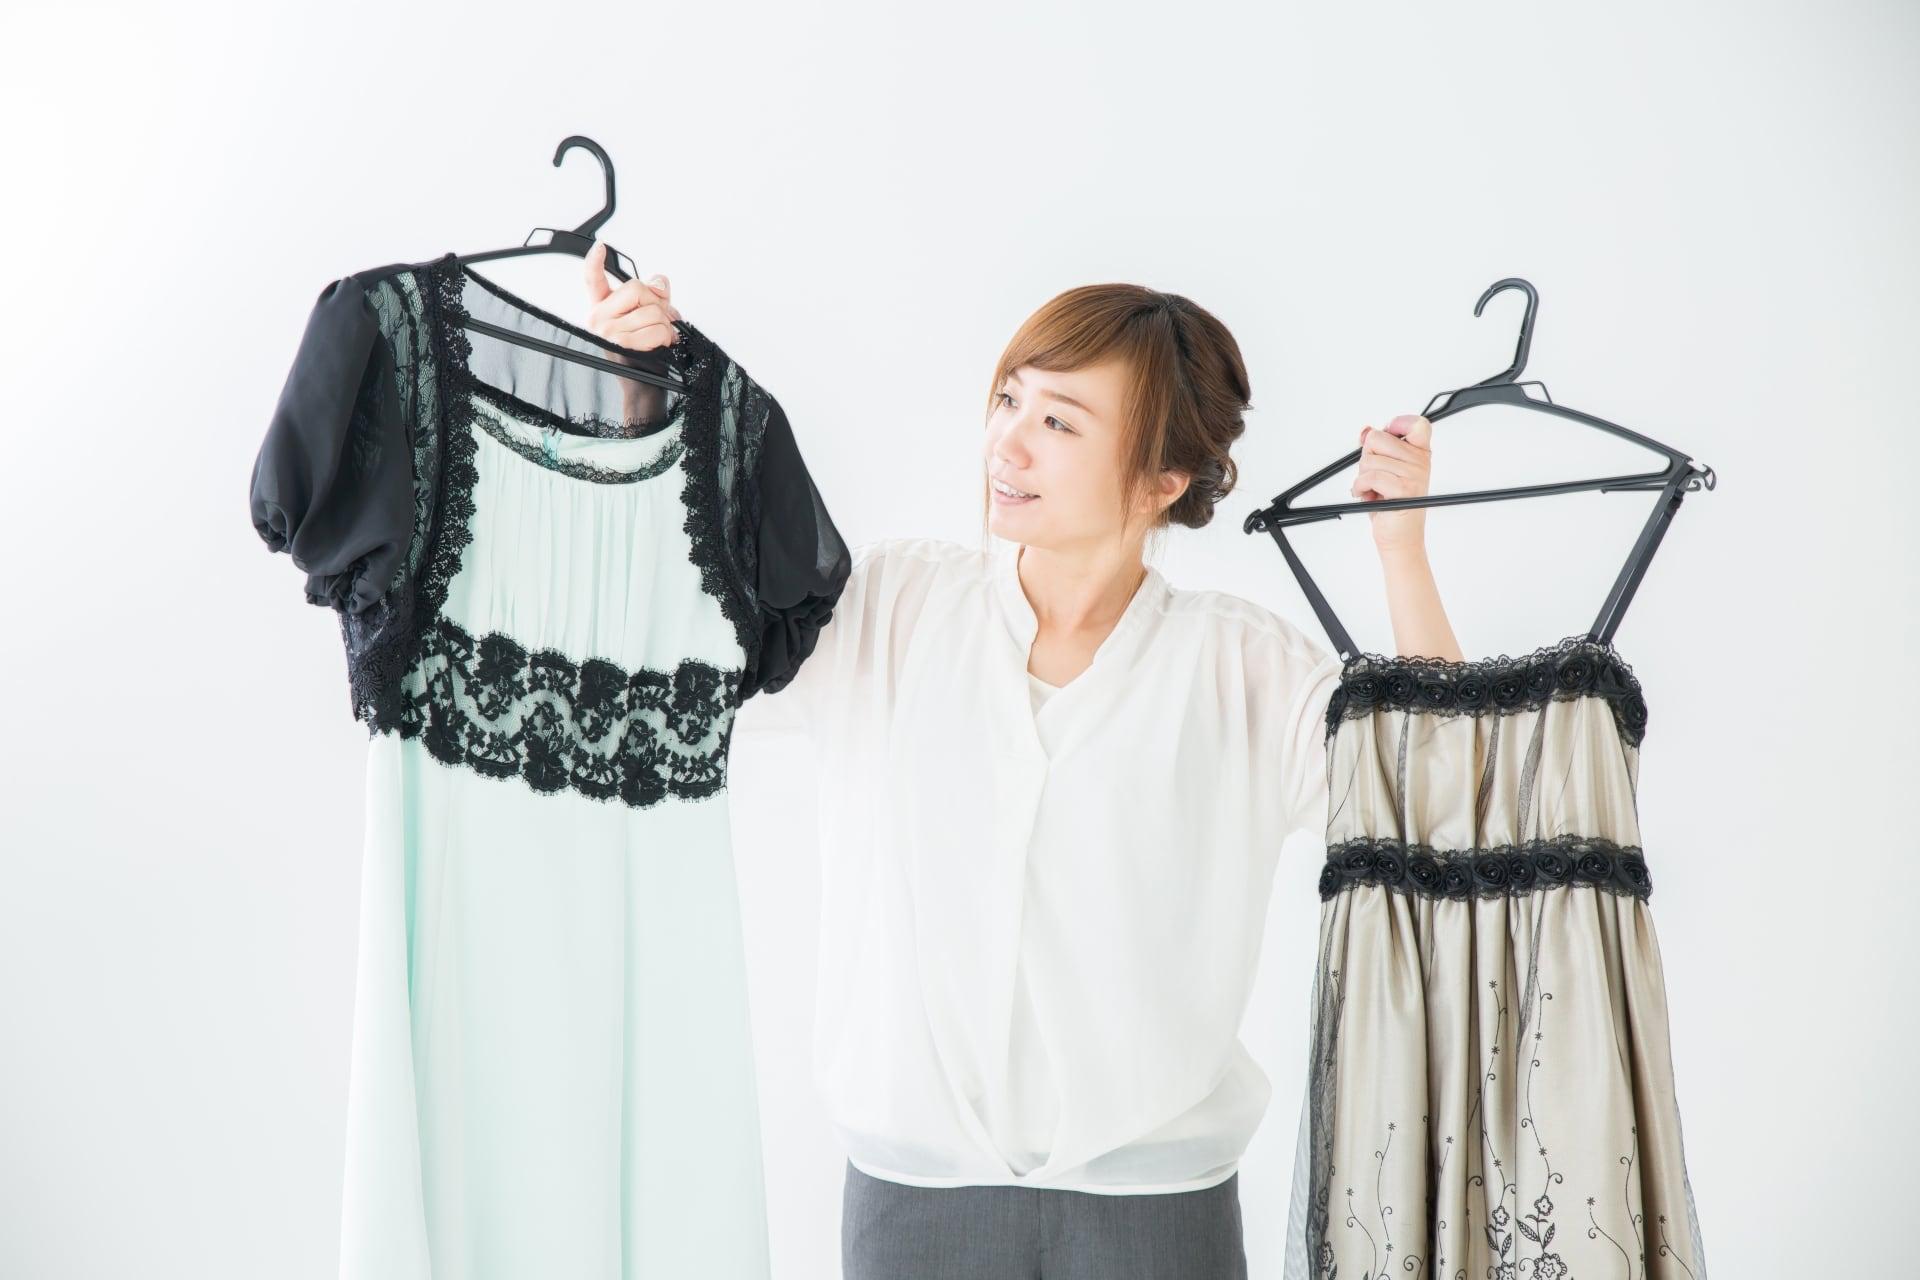 卒業式後の謝恩会と結婚式のお呼ばれドレスって違うの?似合うドレスの探し方とは?